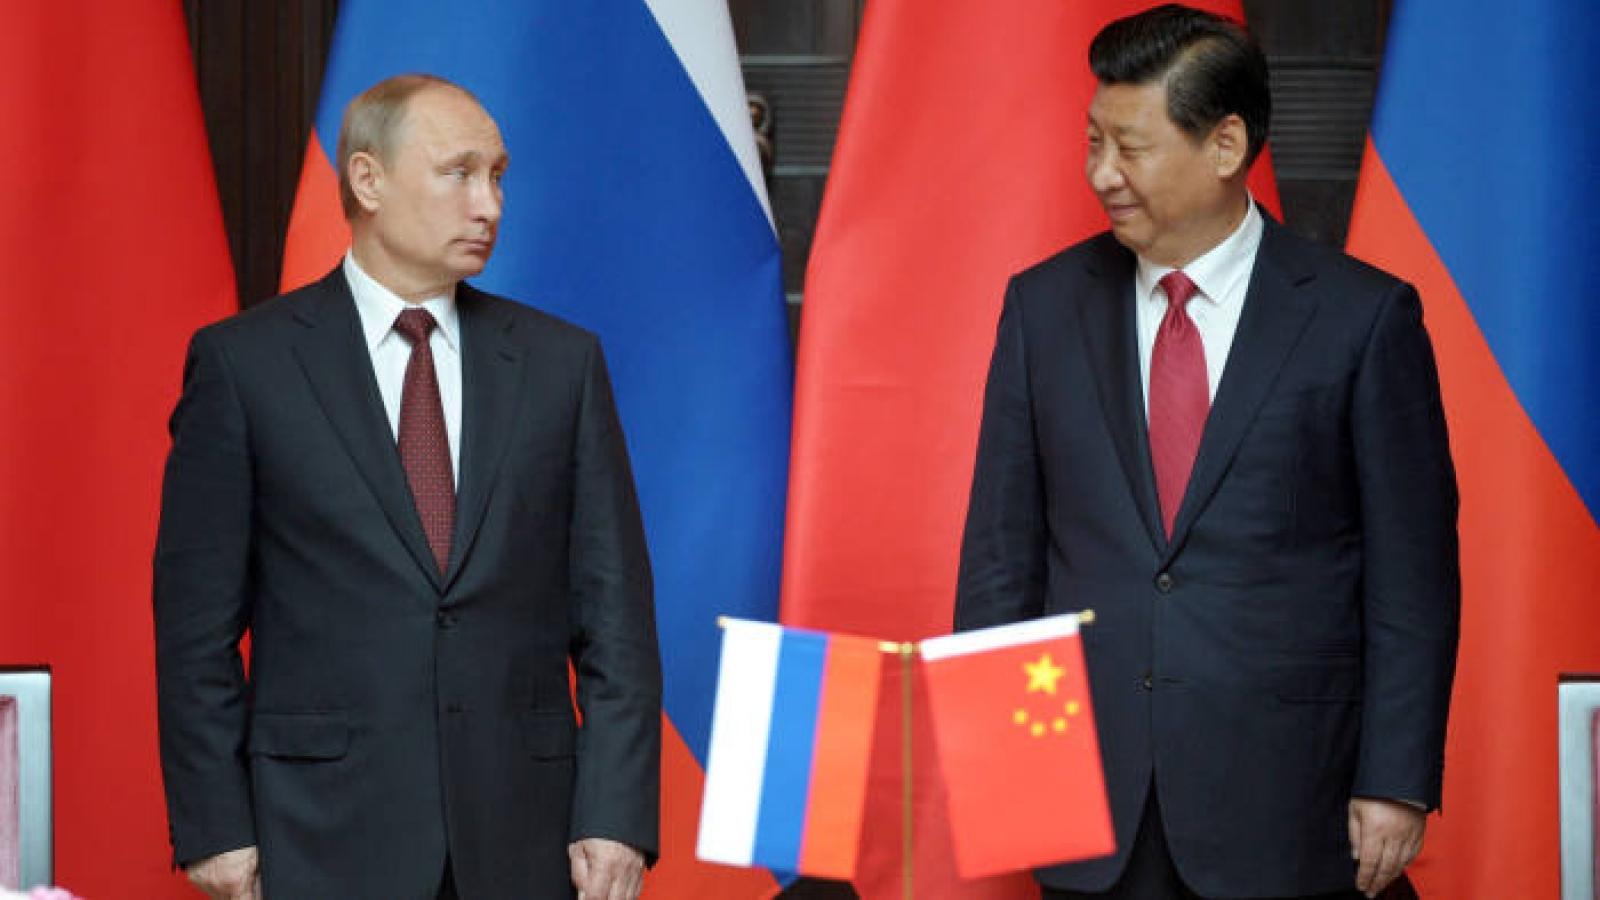 Nhu cầu chiến lược và những giới hạn trong mối quan hệ Nga-Trung Quốc